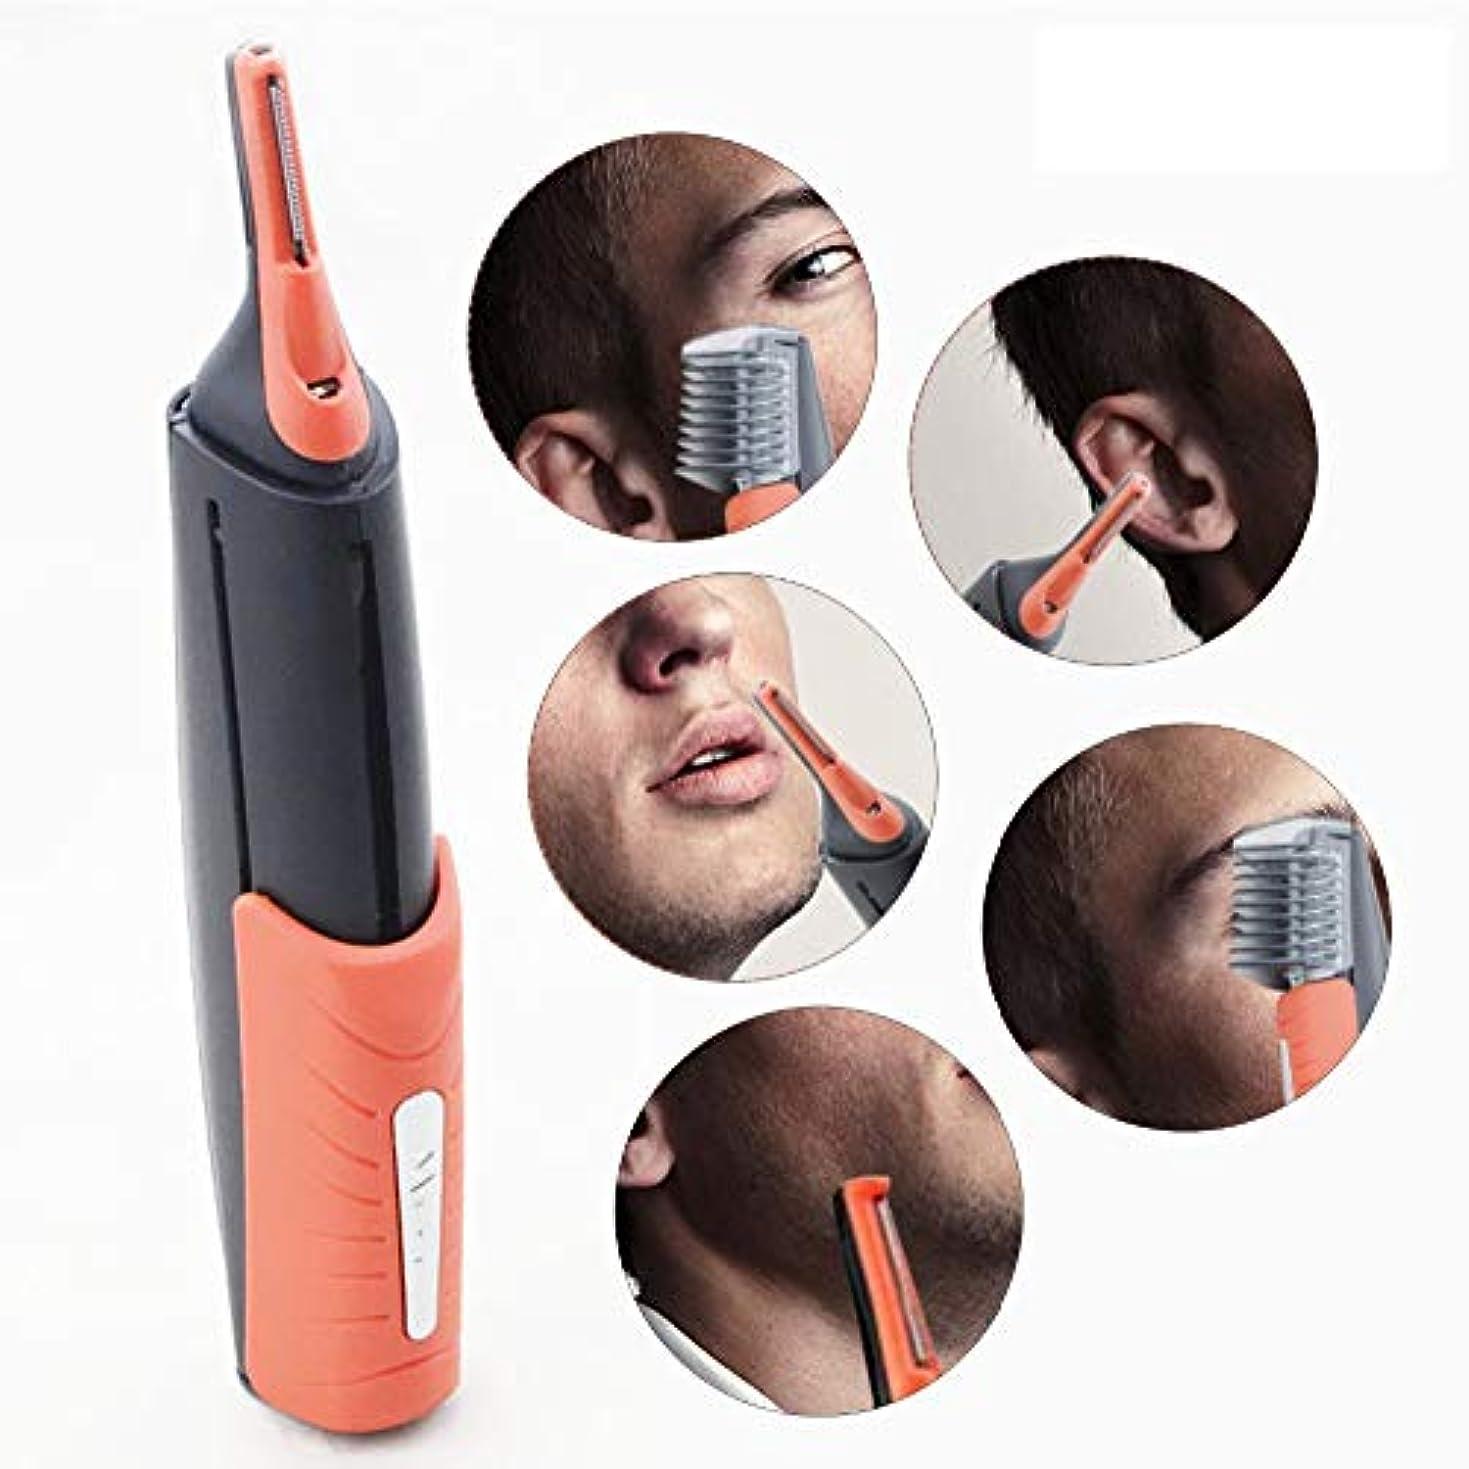 宙返り一ウミウシミニチュア精密鼻毛トリマー、脱毛剤、カミソリ、ユニセックス、パーソナル電気フェイシャルトリートメント、LEDライト付き